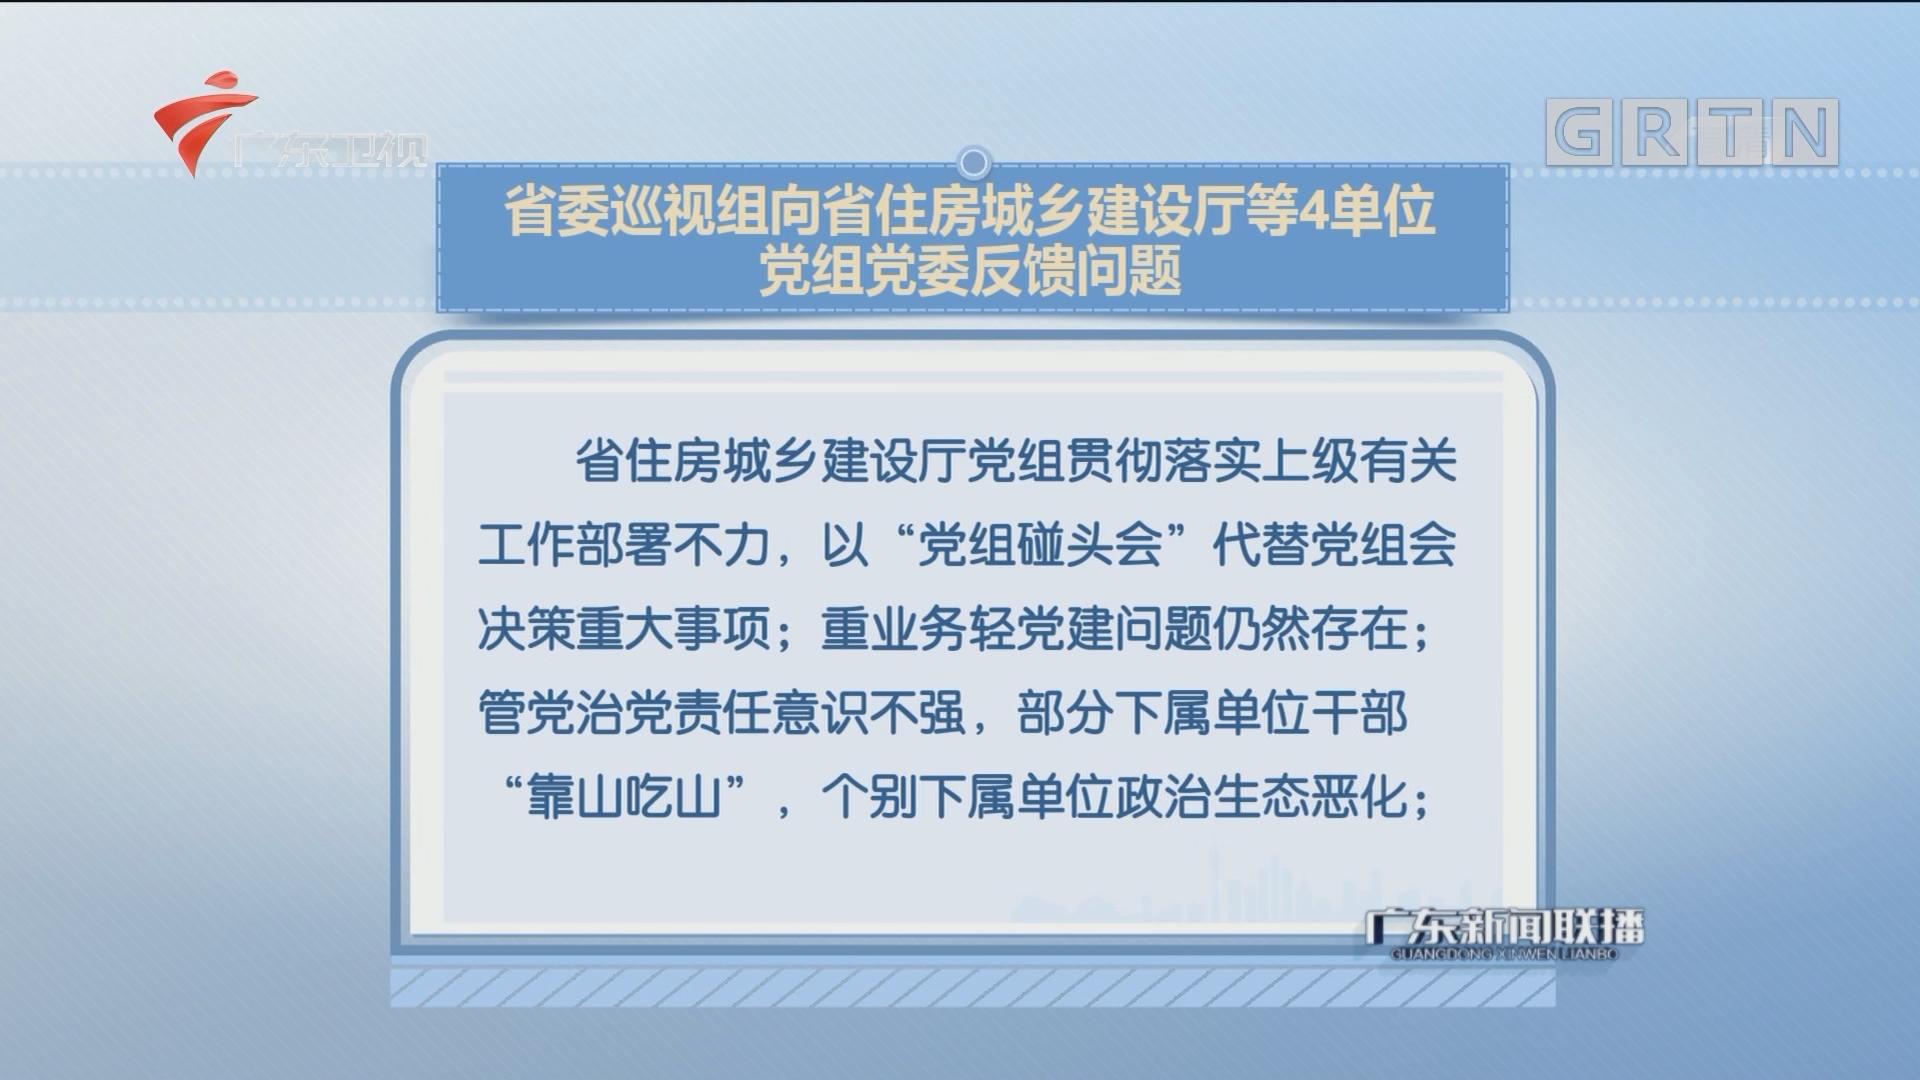 省委巡视组向省住房城乡建设厅等4单位党组党委反馈问题